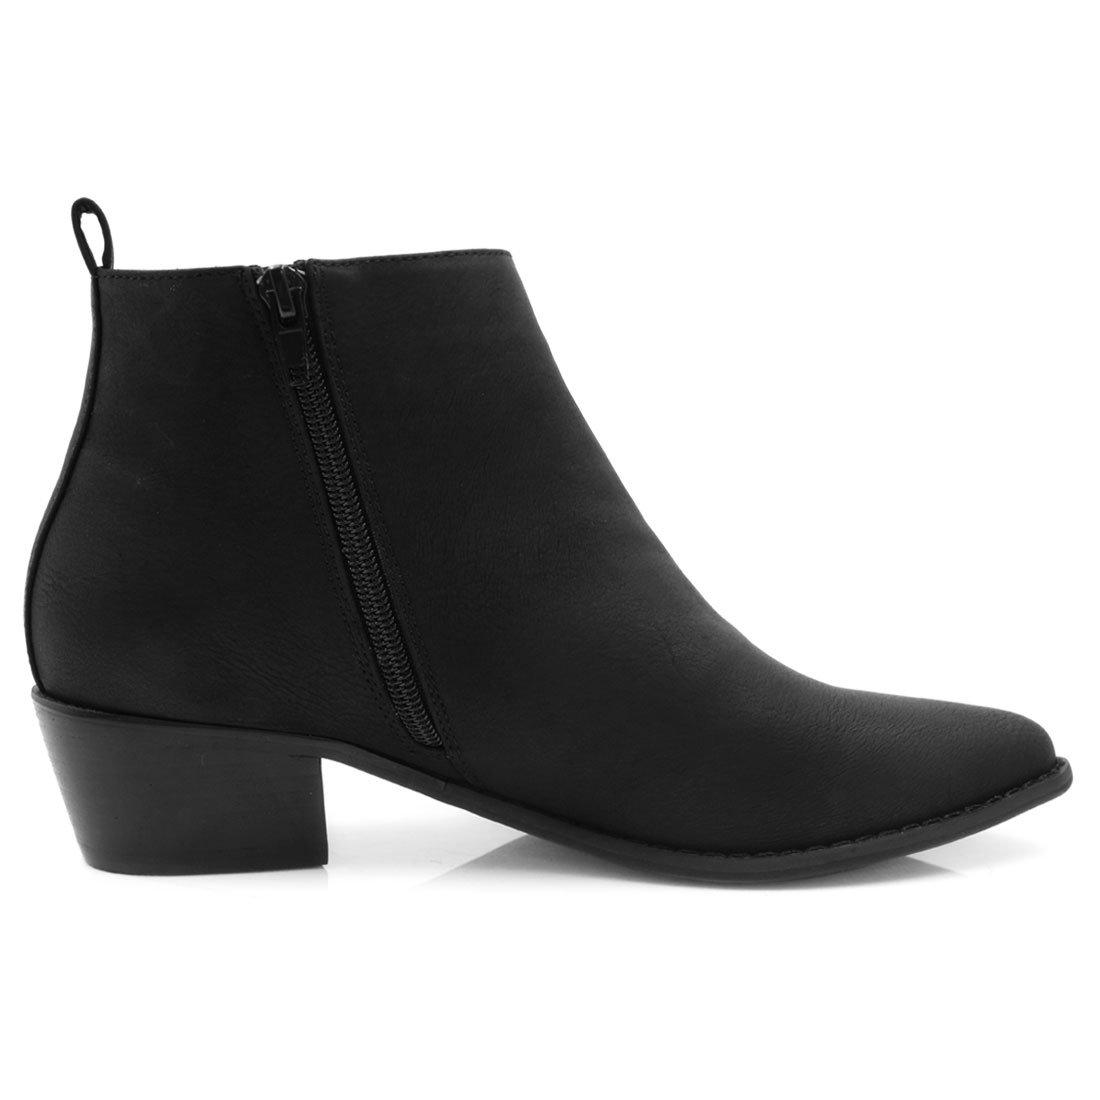 Allegra K Mujer Puntiagudo Toe Borla Apilados con Cremallera talón Tobillo Botines: Amazon.es: Zapatos y complementos